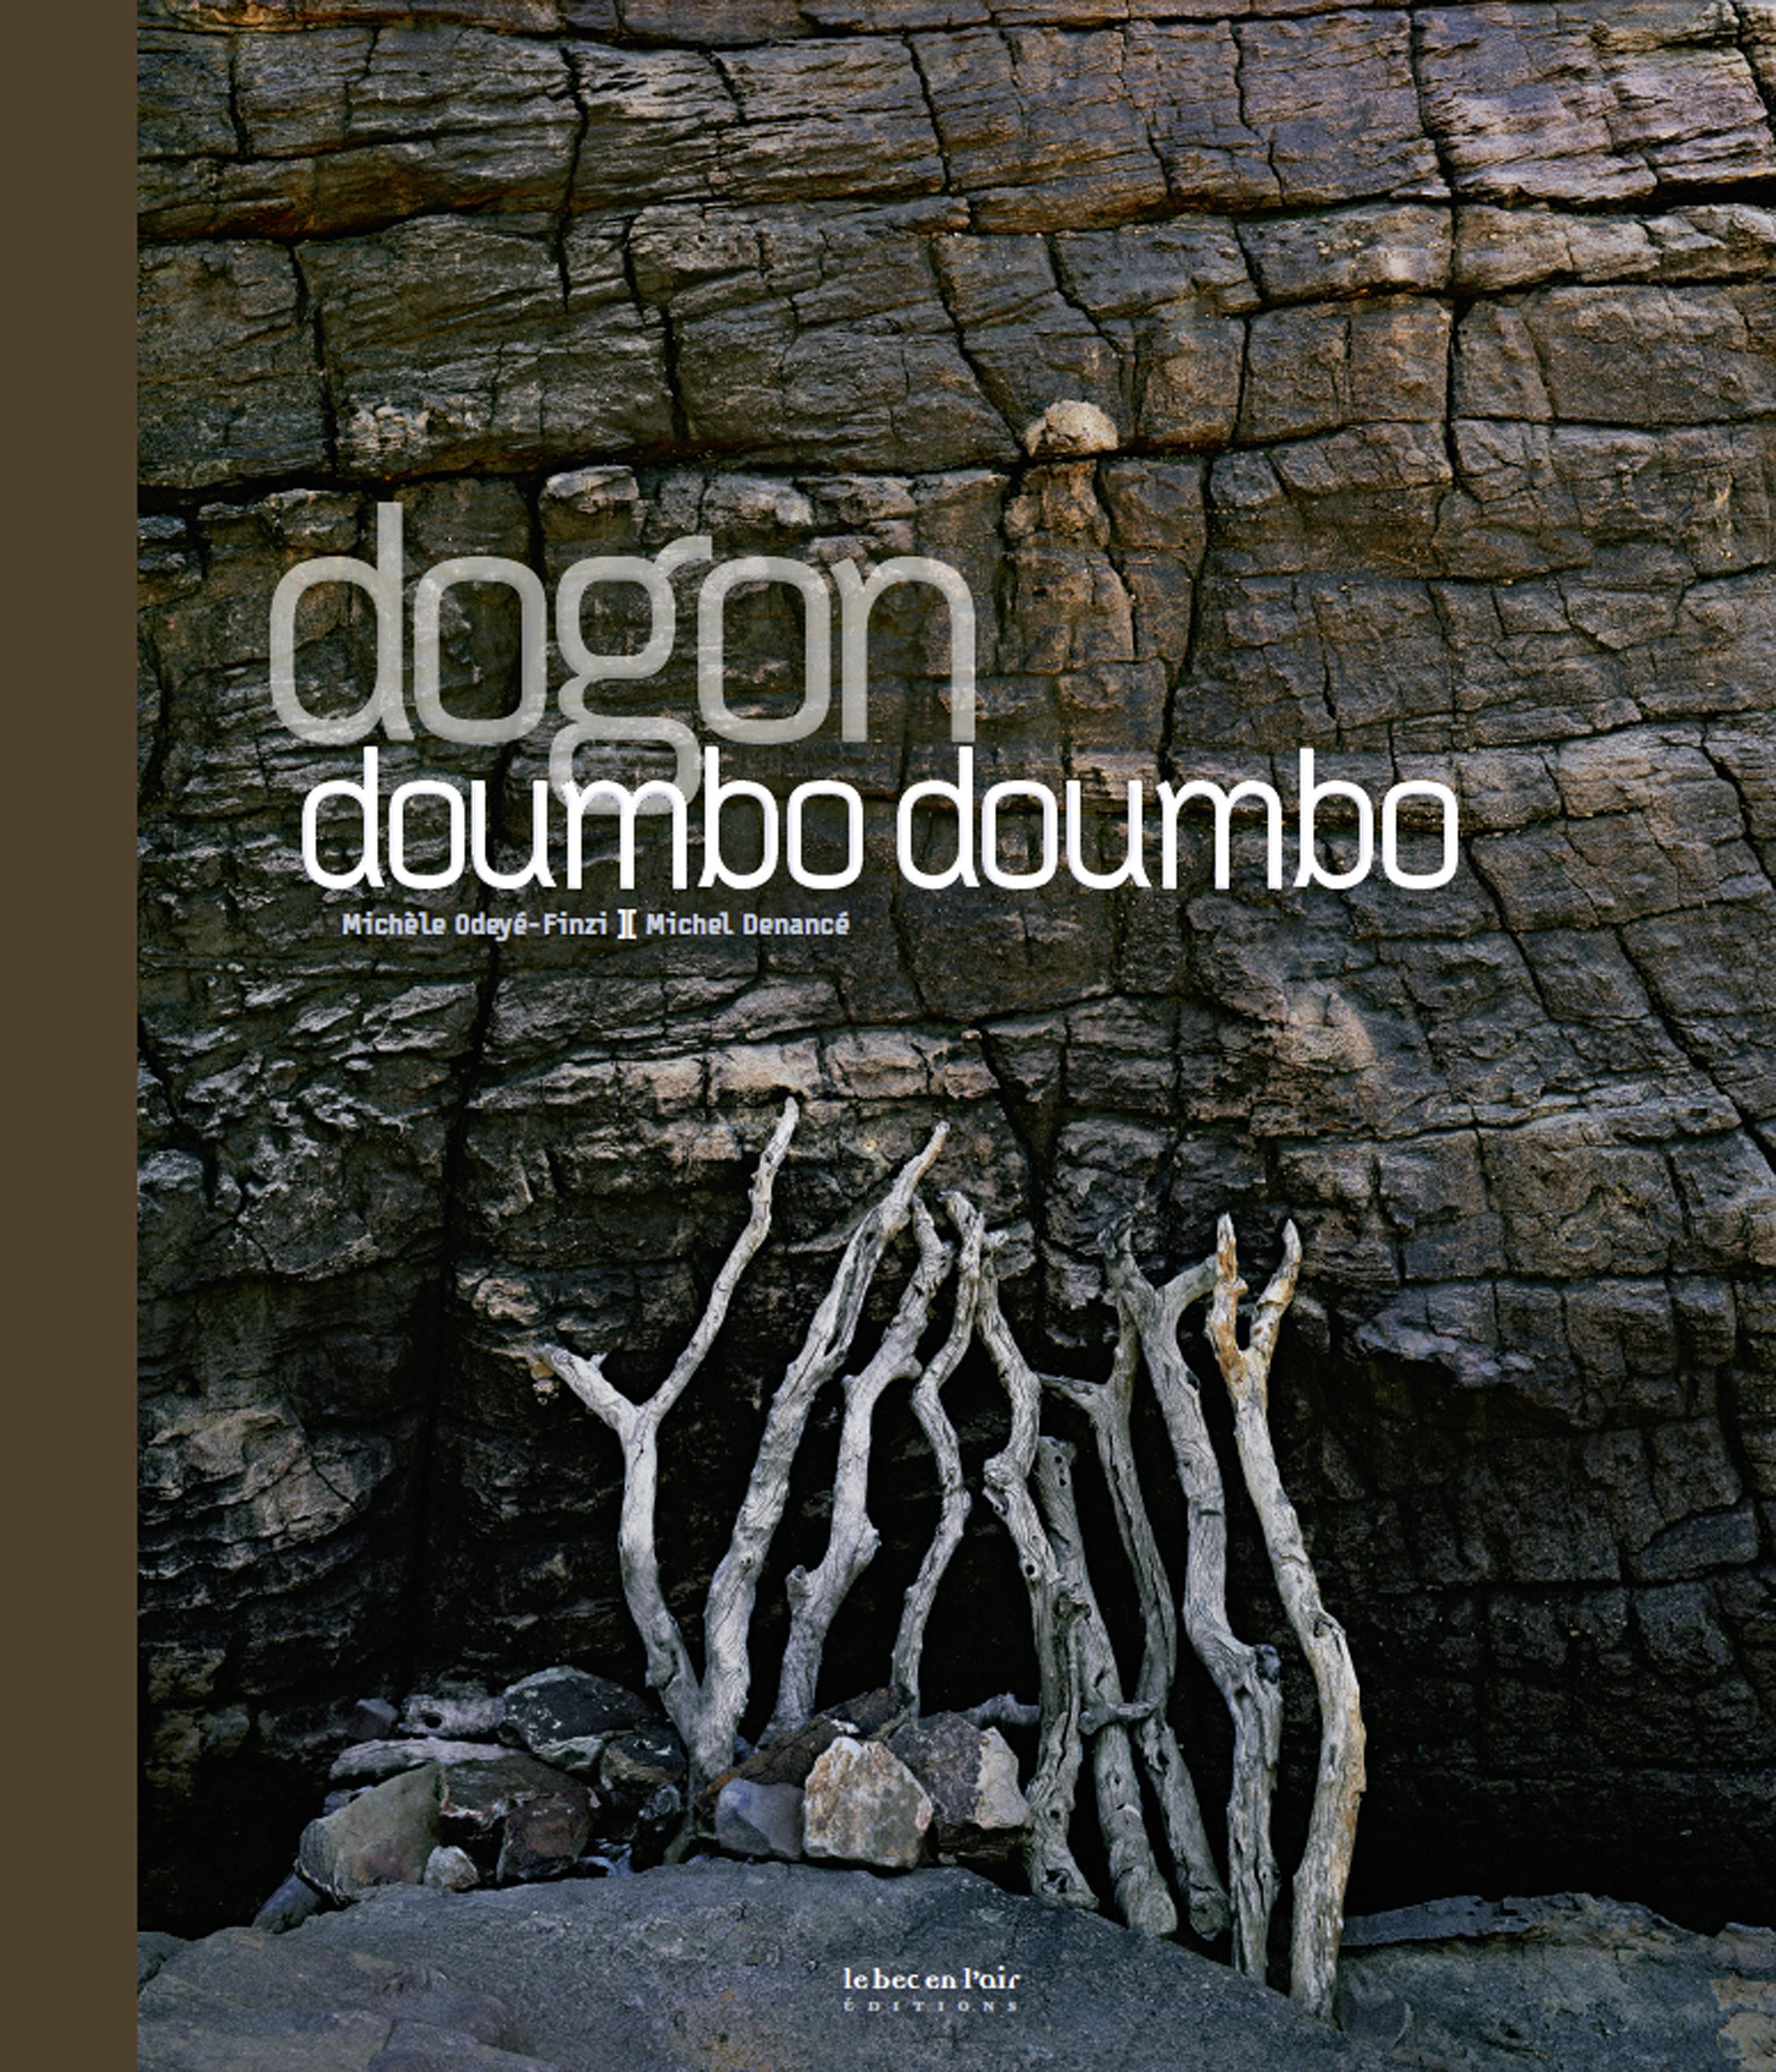 DOGON - DOUMBO, DOUMBO